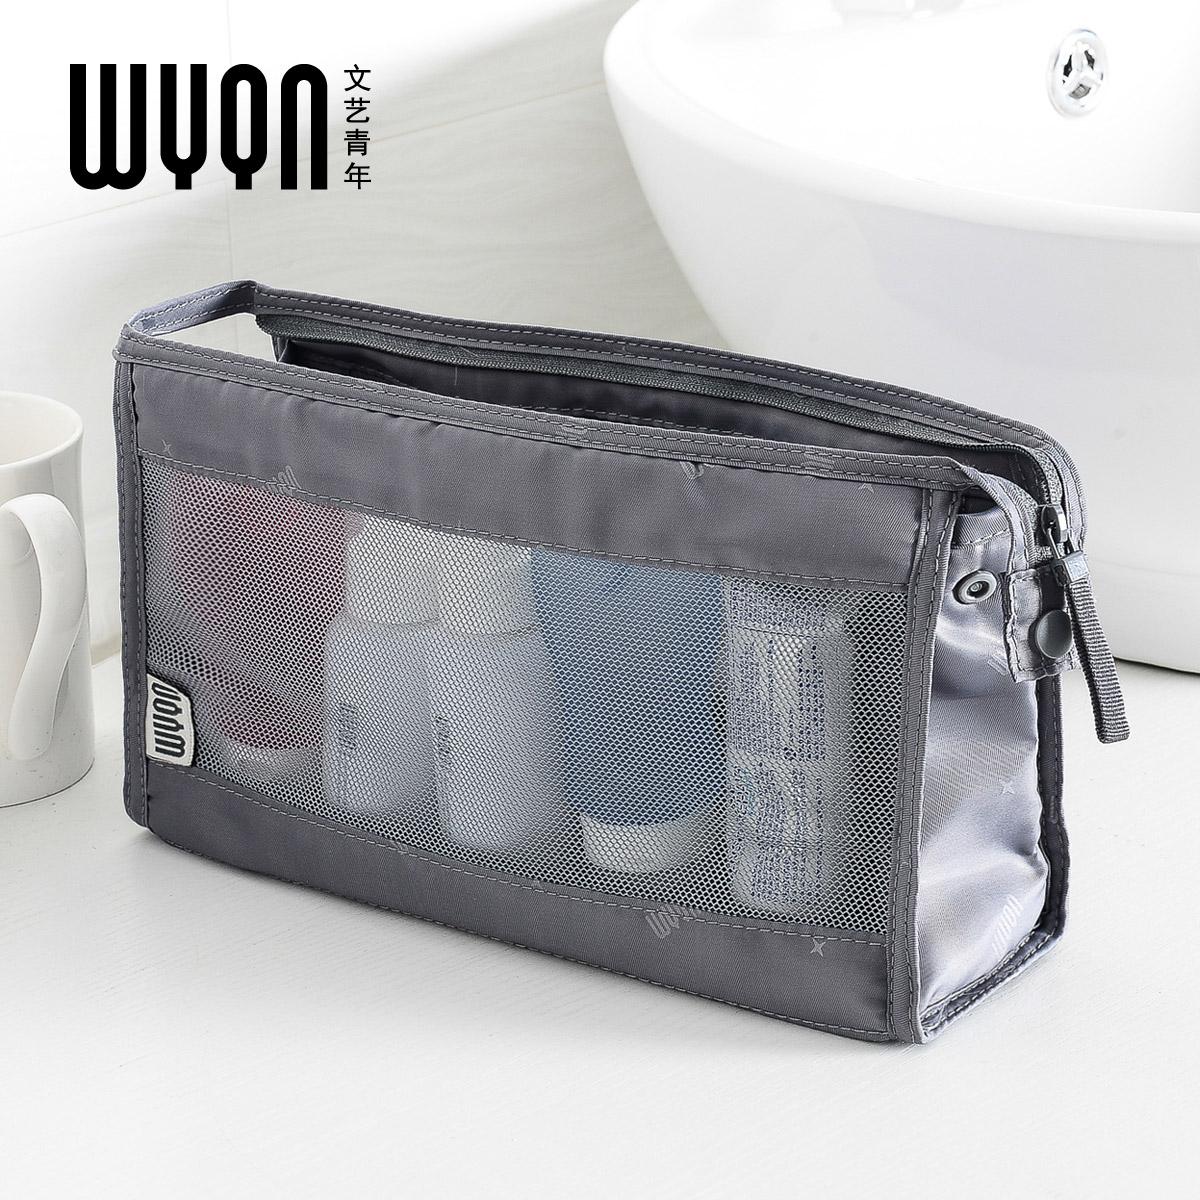 文艺青年 洗漱用品包 男士女旅行洗漱袋旅游用品收纳袋化妆包图片